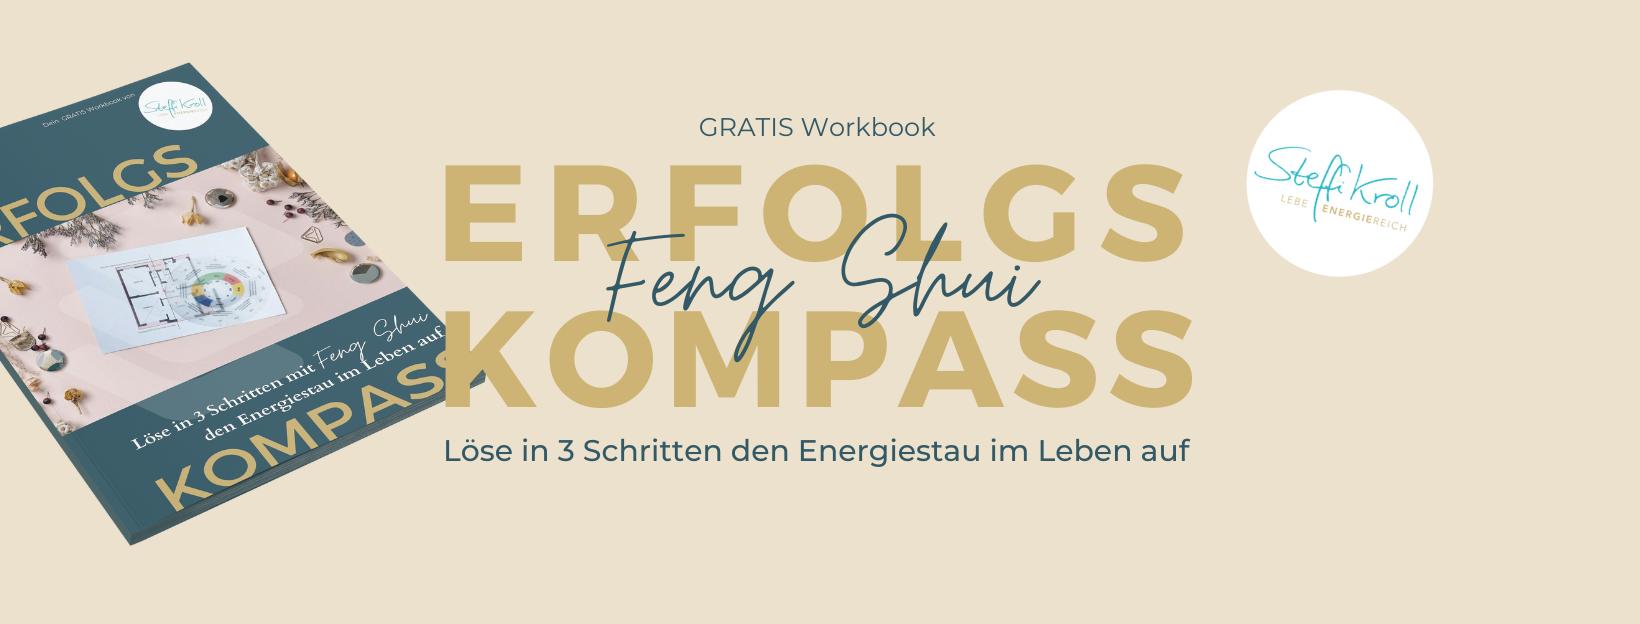 Website Header Erfolgskompass